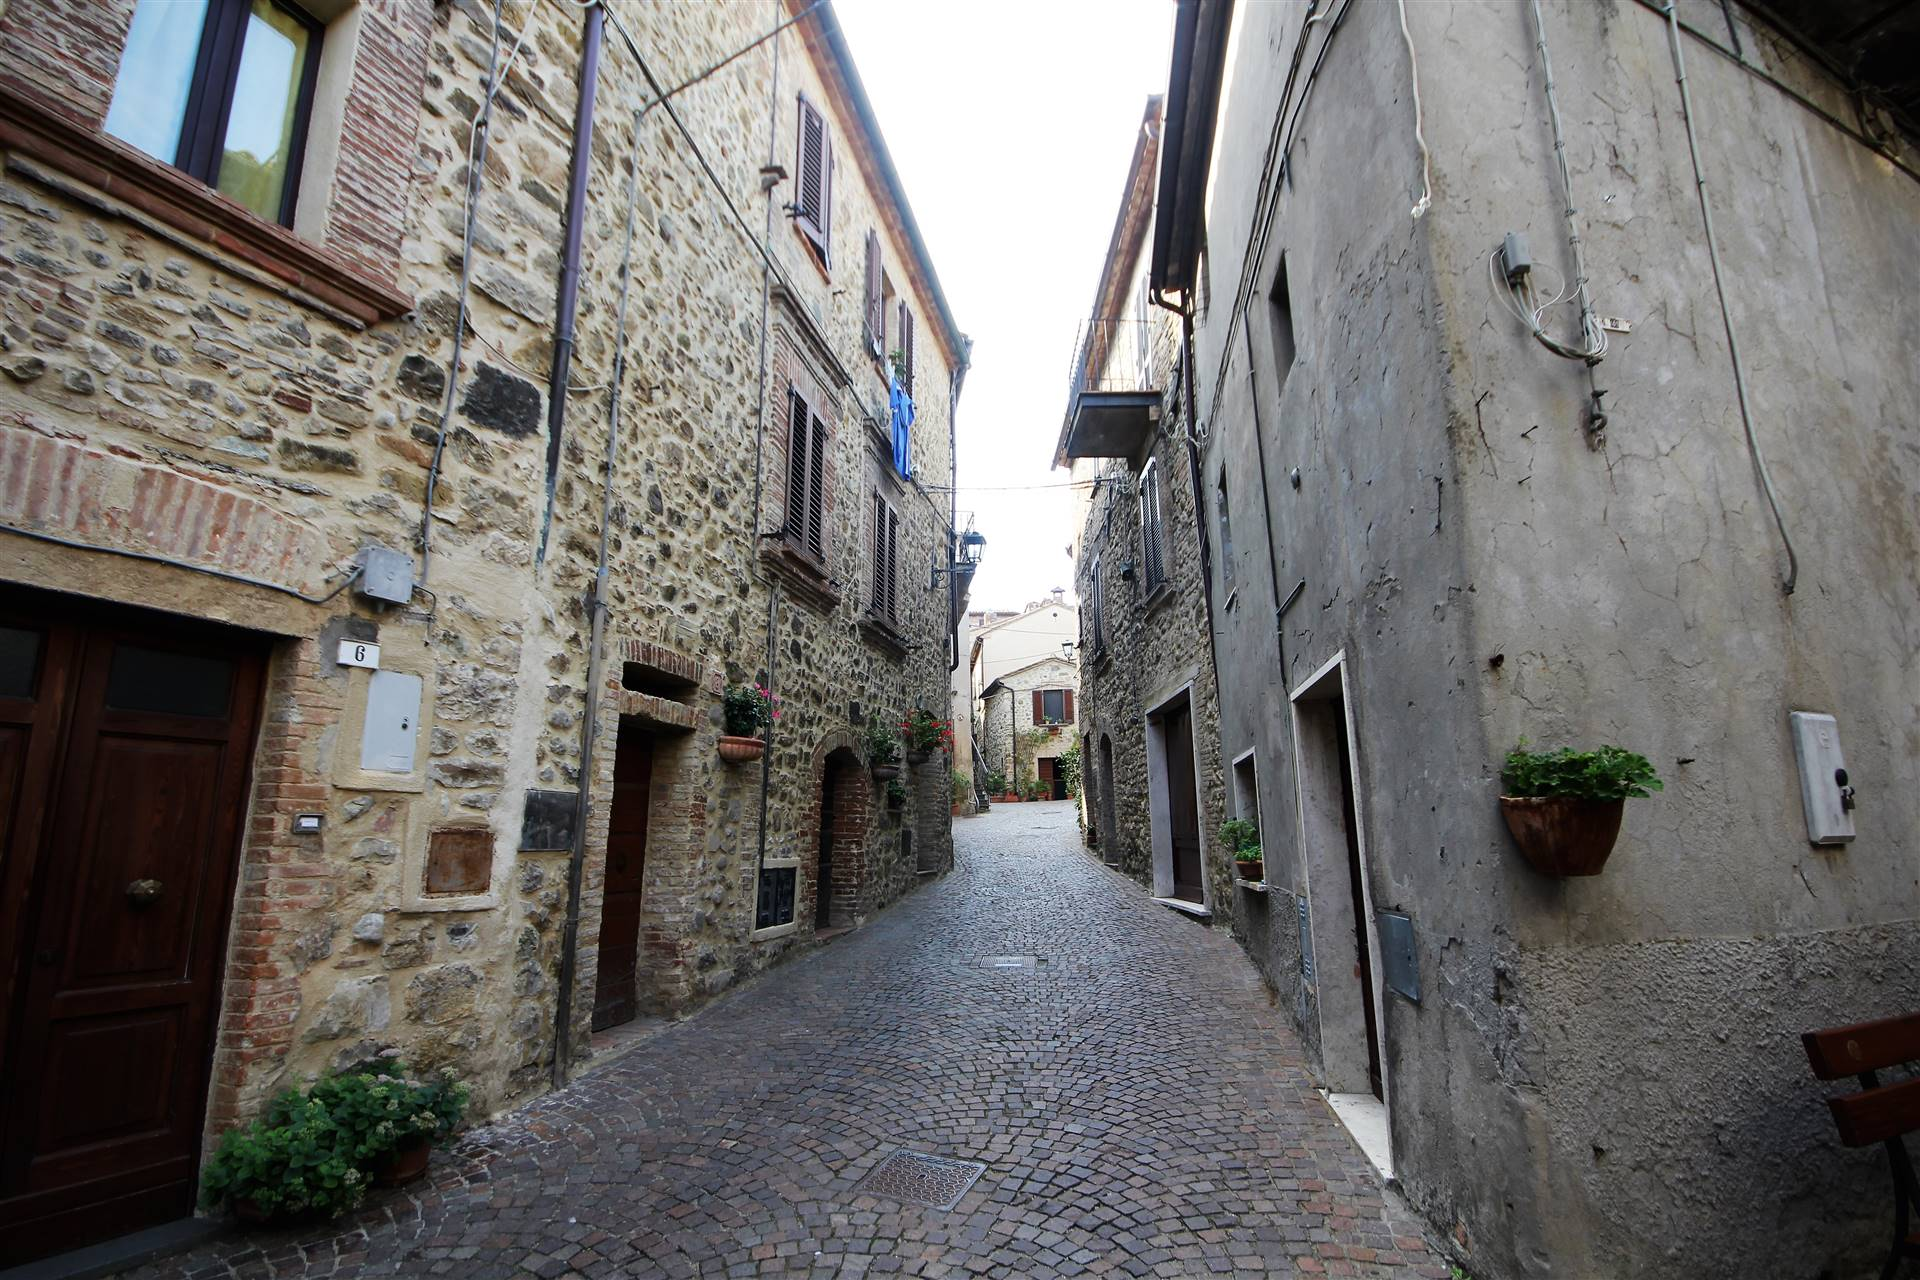 Appartamento in vendita a Allerona, 3 locali, zona Zona: Allerona Scalo, prezzo € 35.000 | CambioCasa.it